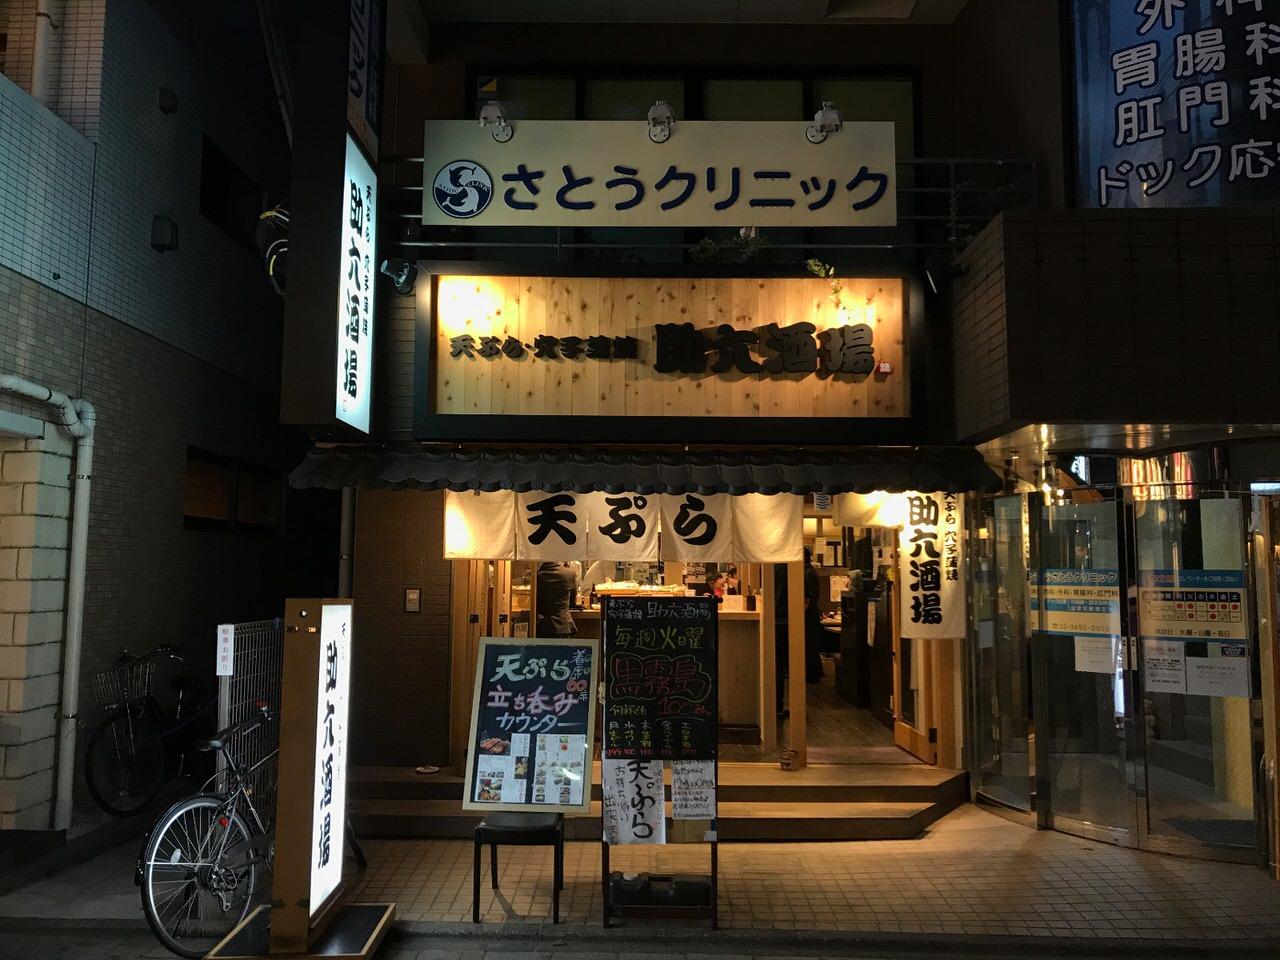 「天ぷら 穴子蒲焼 助六酒場」天ぷらを肴にせんべろ立ち呑みは幸せ